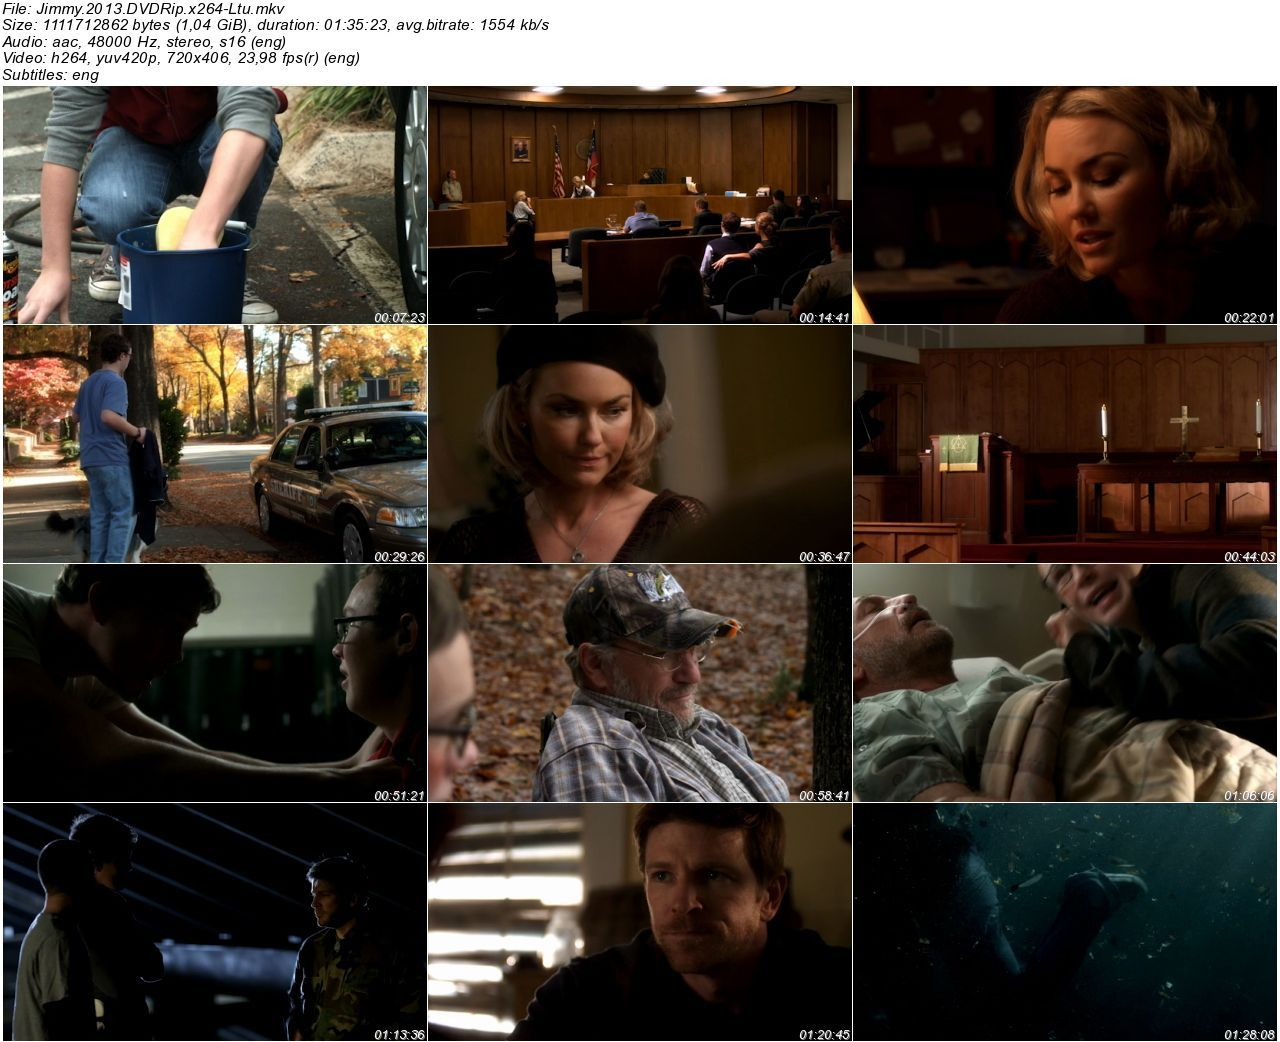 Jimmy - 2013 DVDRip x264 - Türkçe Altyazılı Tek Link indir